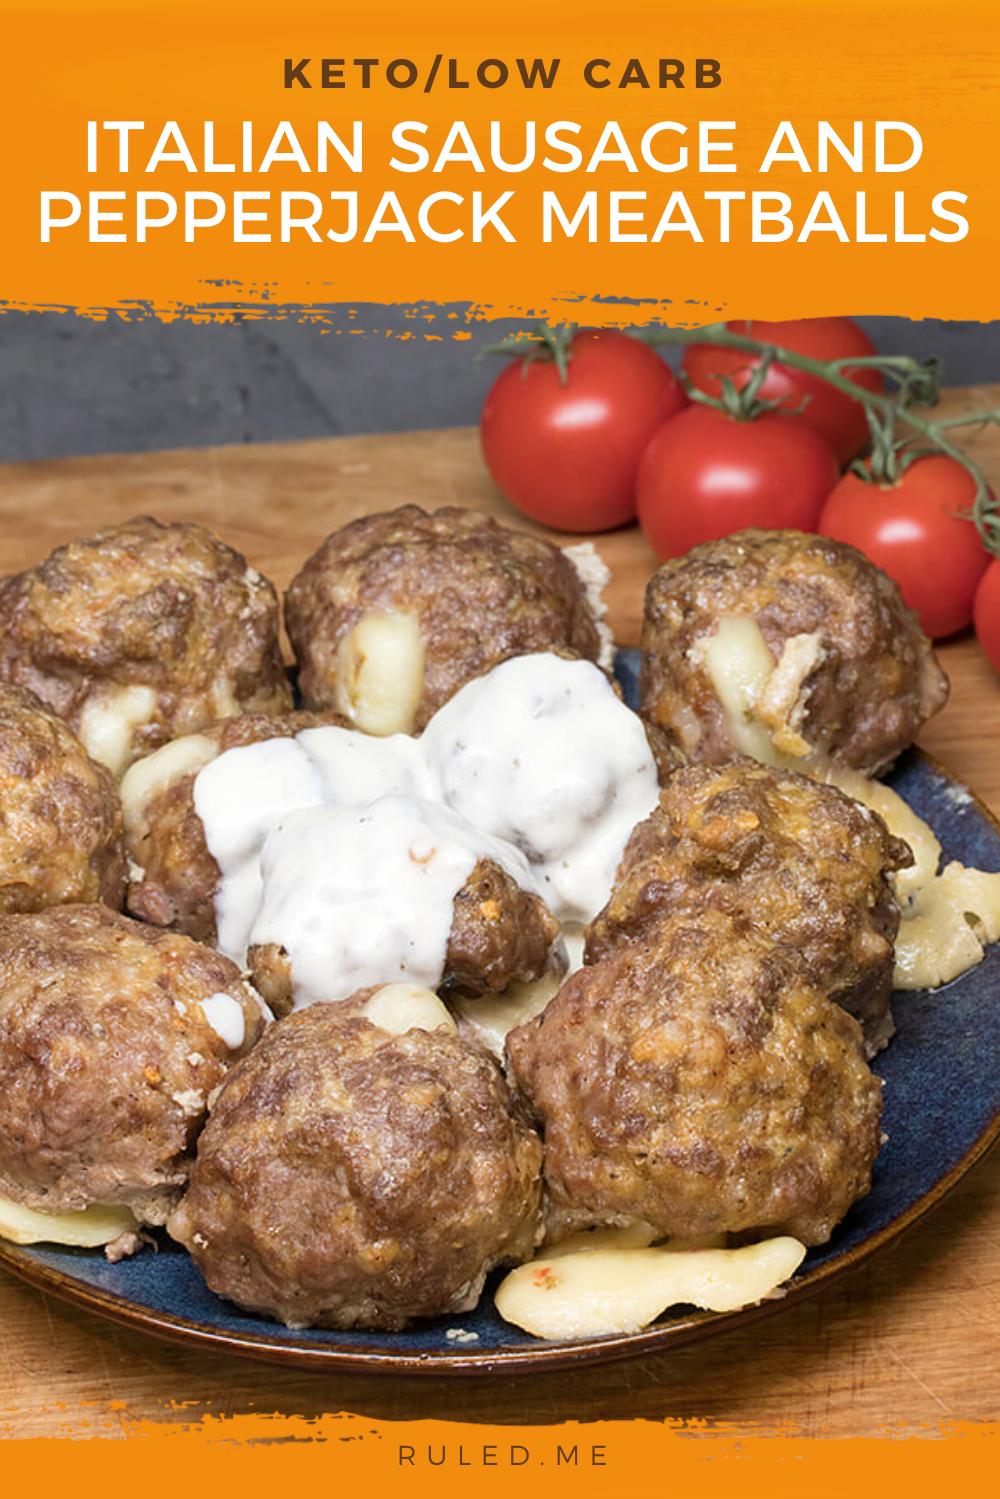 Italian Sausage Pepperjack Meatballs Ruled Me In 2020 Italian Sausage Pepper Jack Keto Meatballs